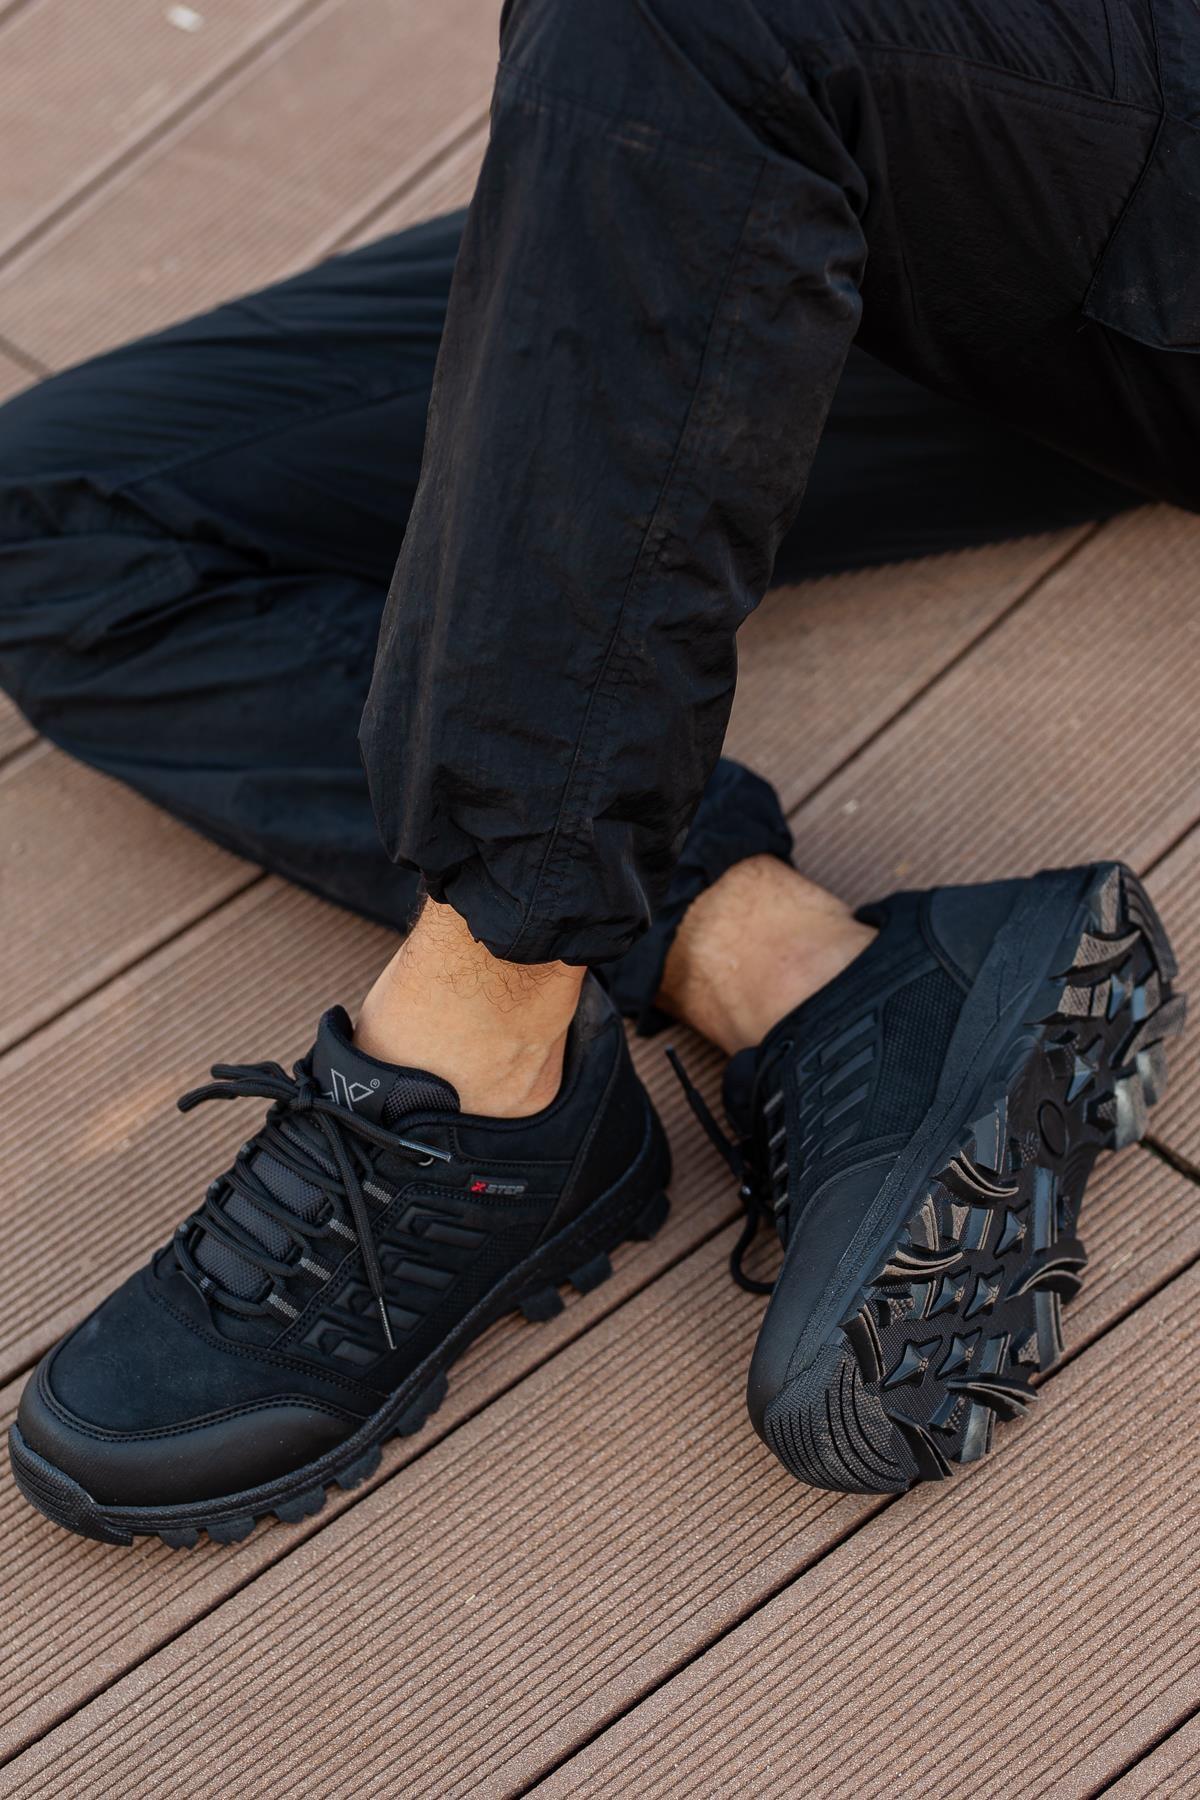 MUGGO Men Su Ve Soğuk Geçirmez Outdoor Erkek Ayakkabı 1